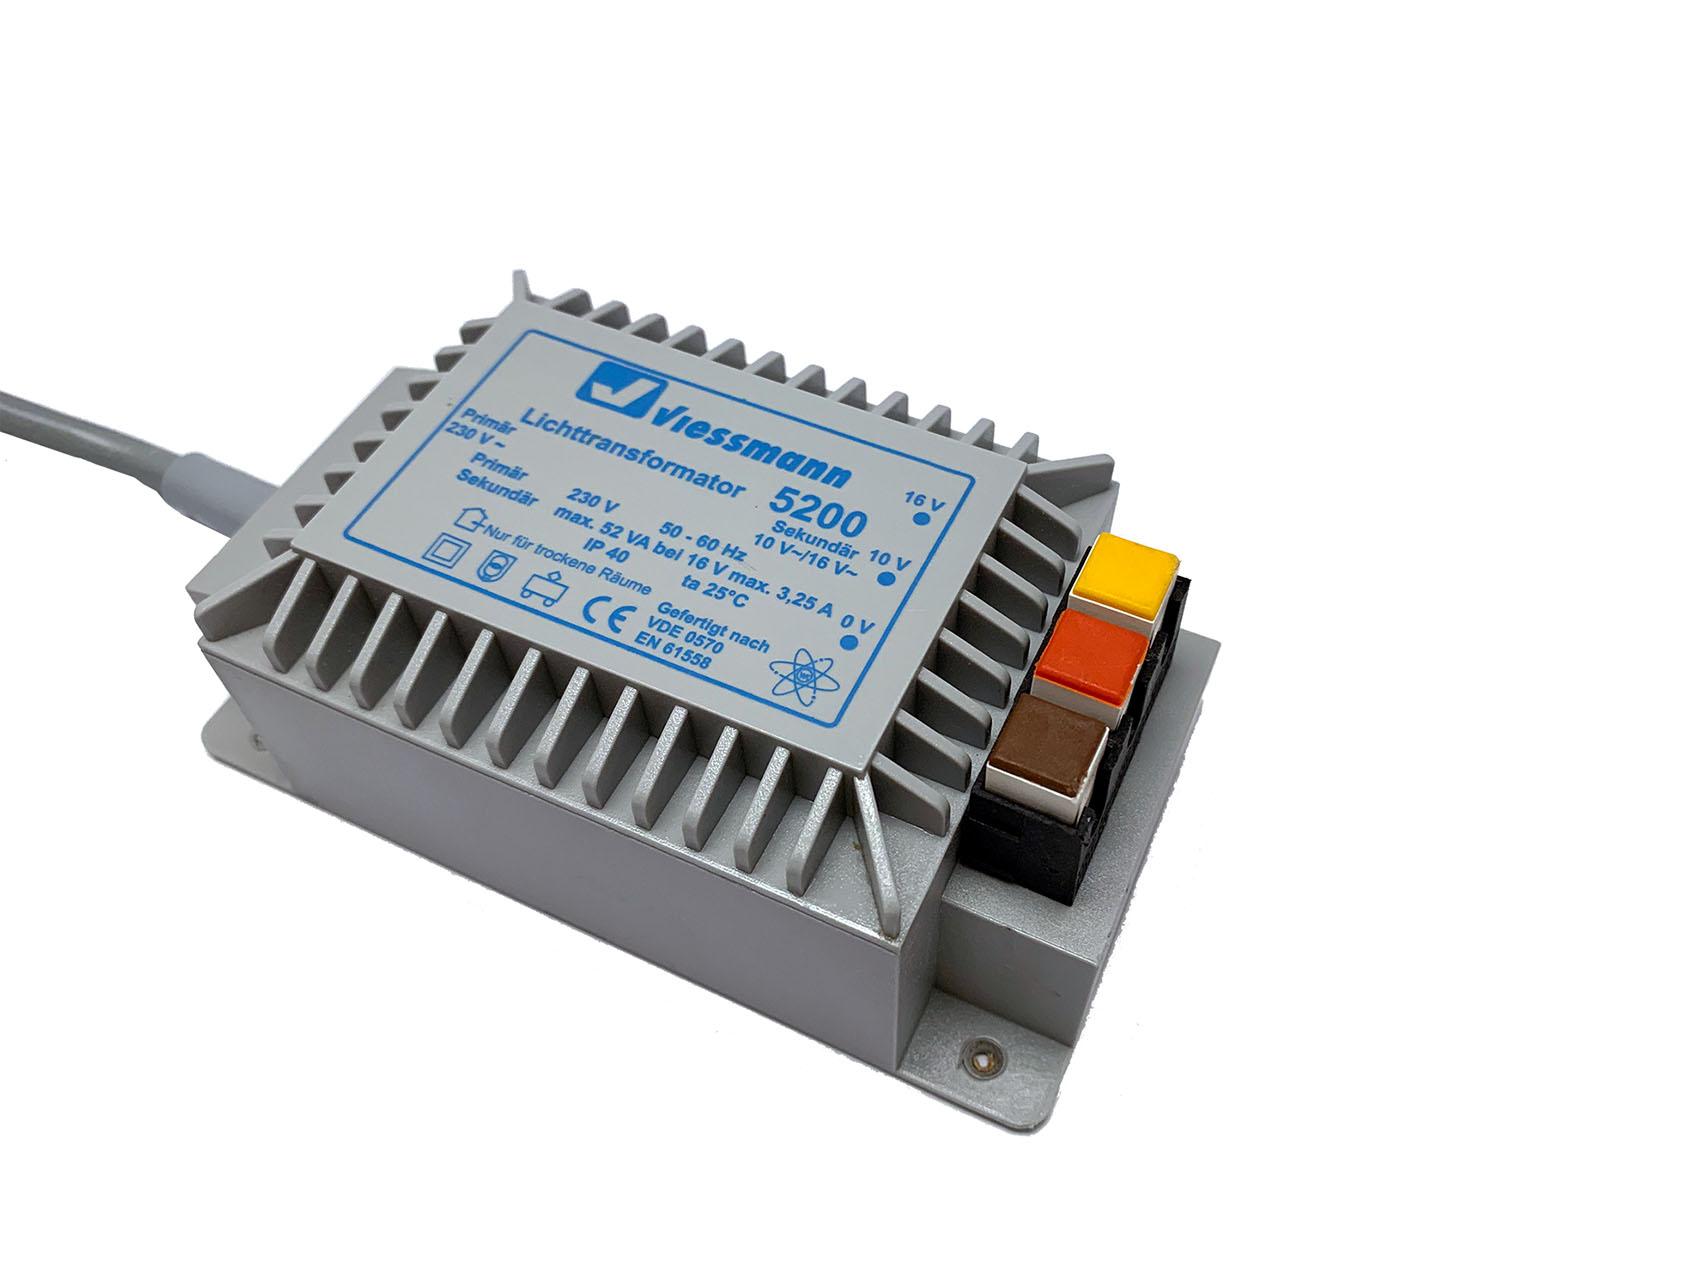 Viessmann 5200 Lichttransformator 16 V, 52 VA